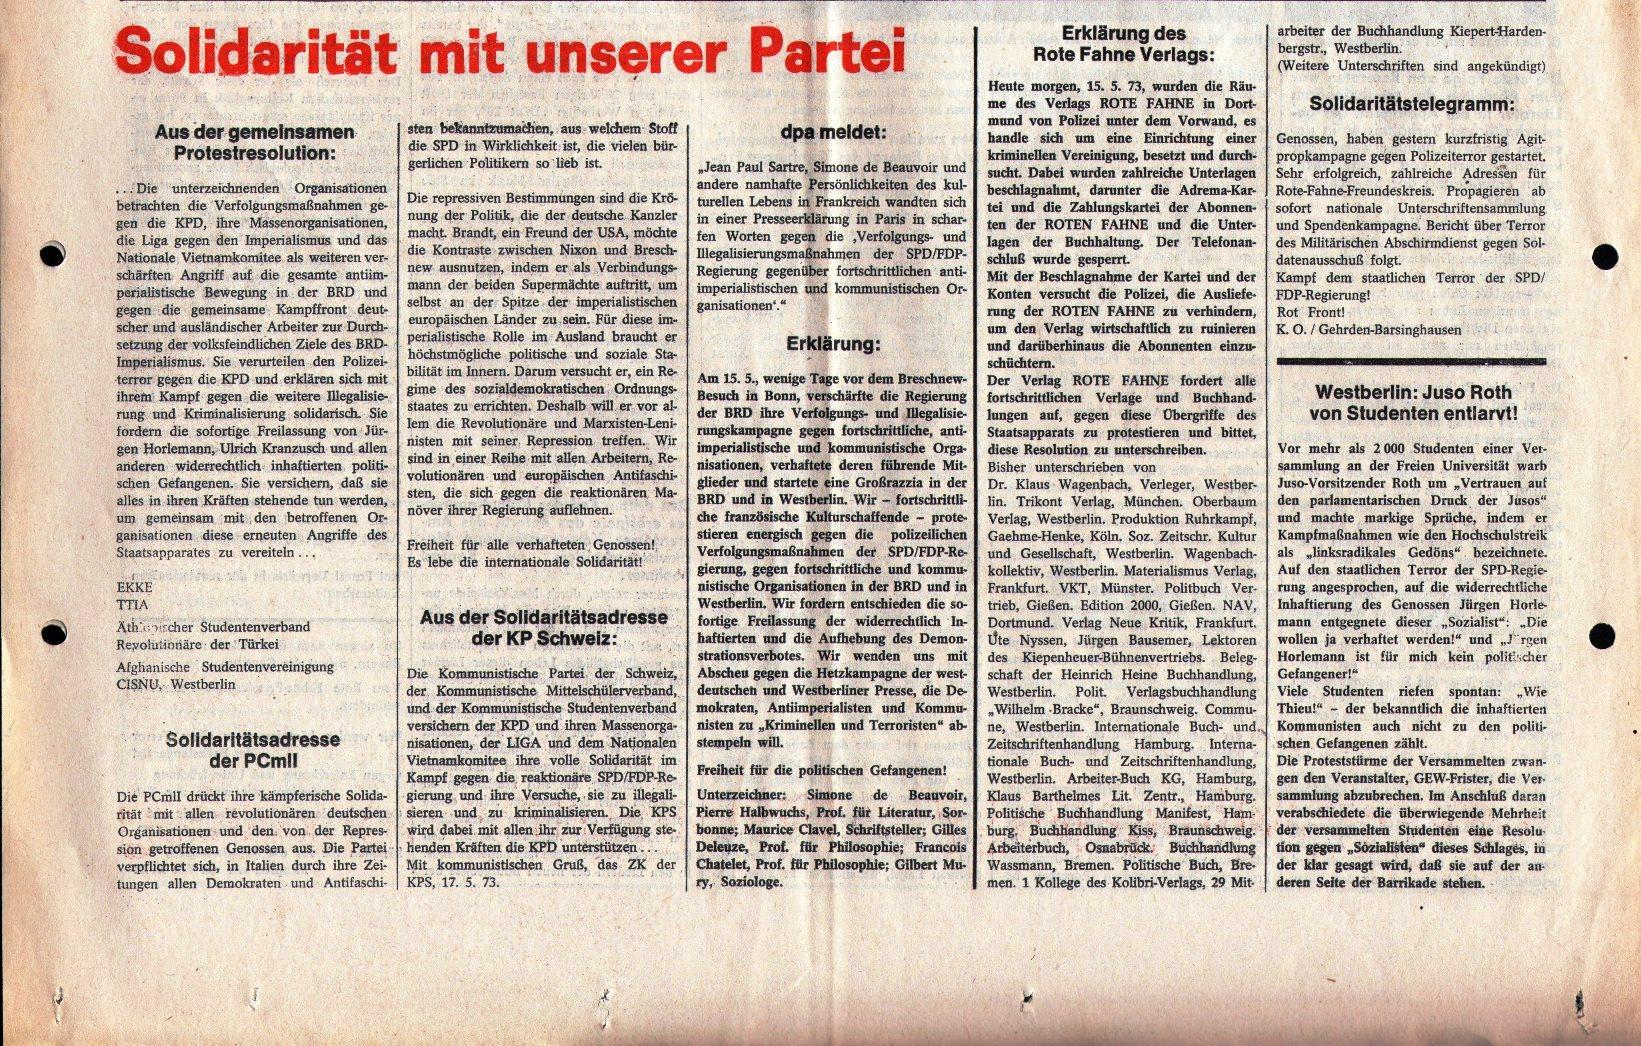 KPD_Rote_Fahne_1973_21_16